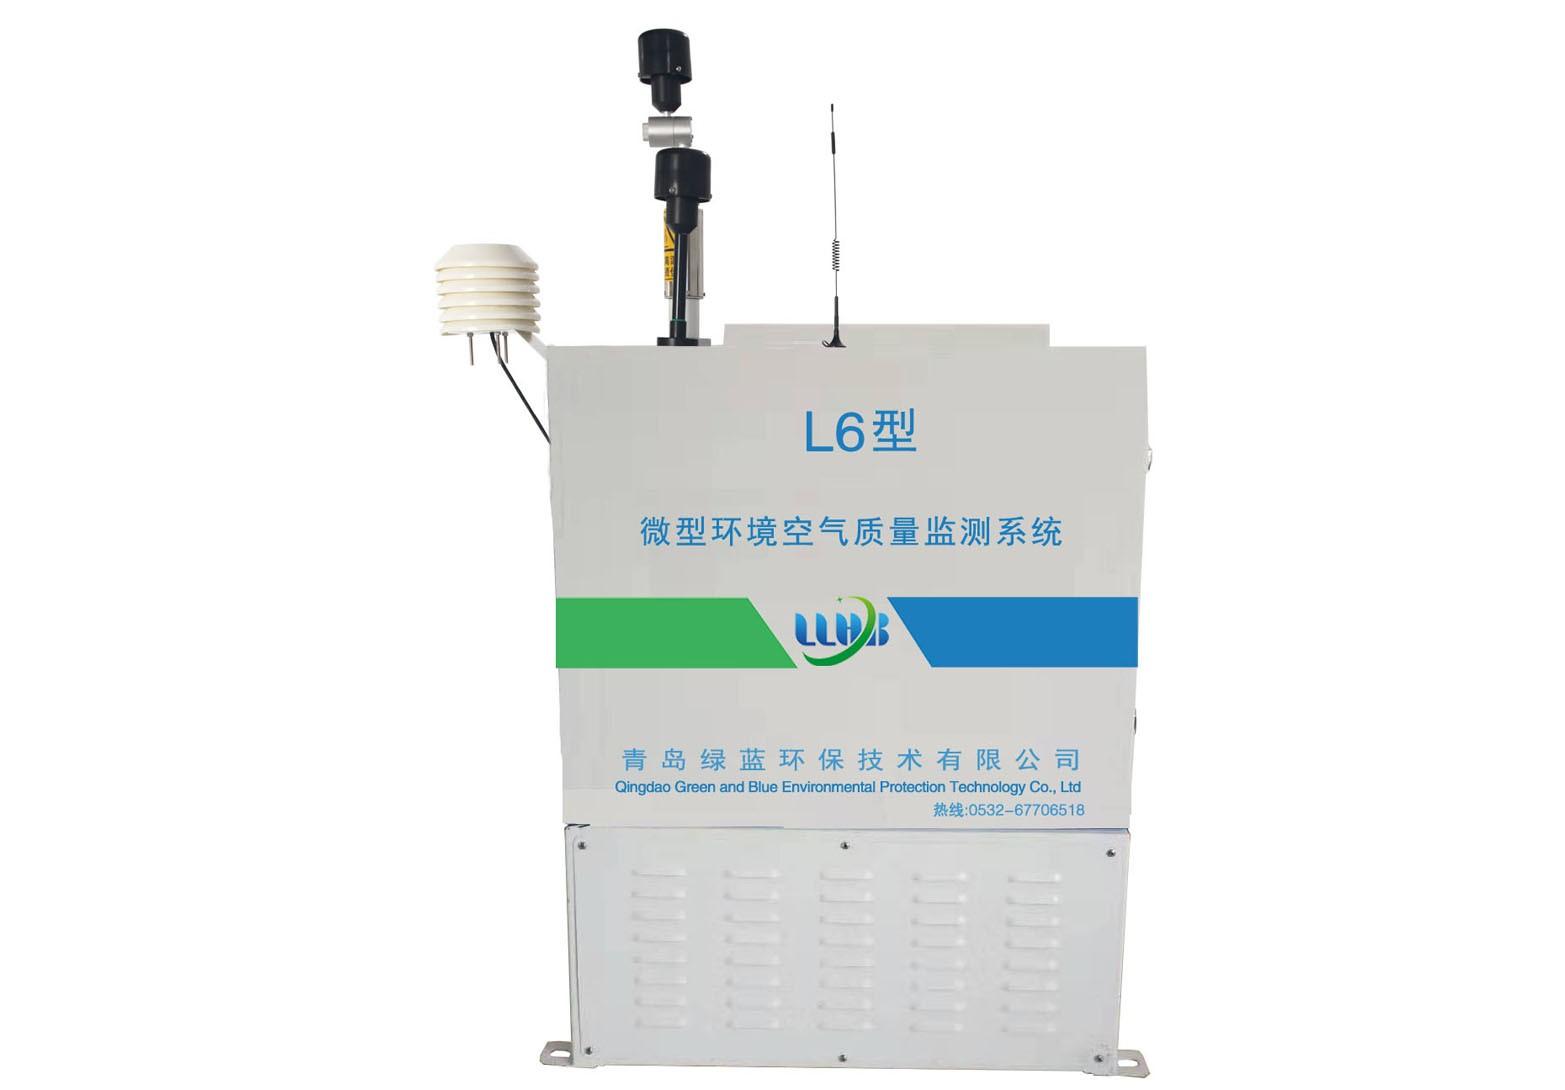 L6型  微型环境空气质量监测系统(空调型)